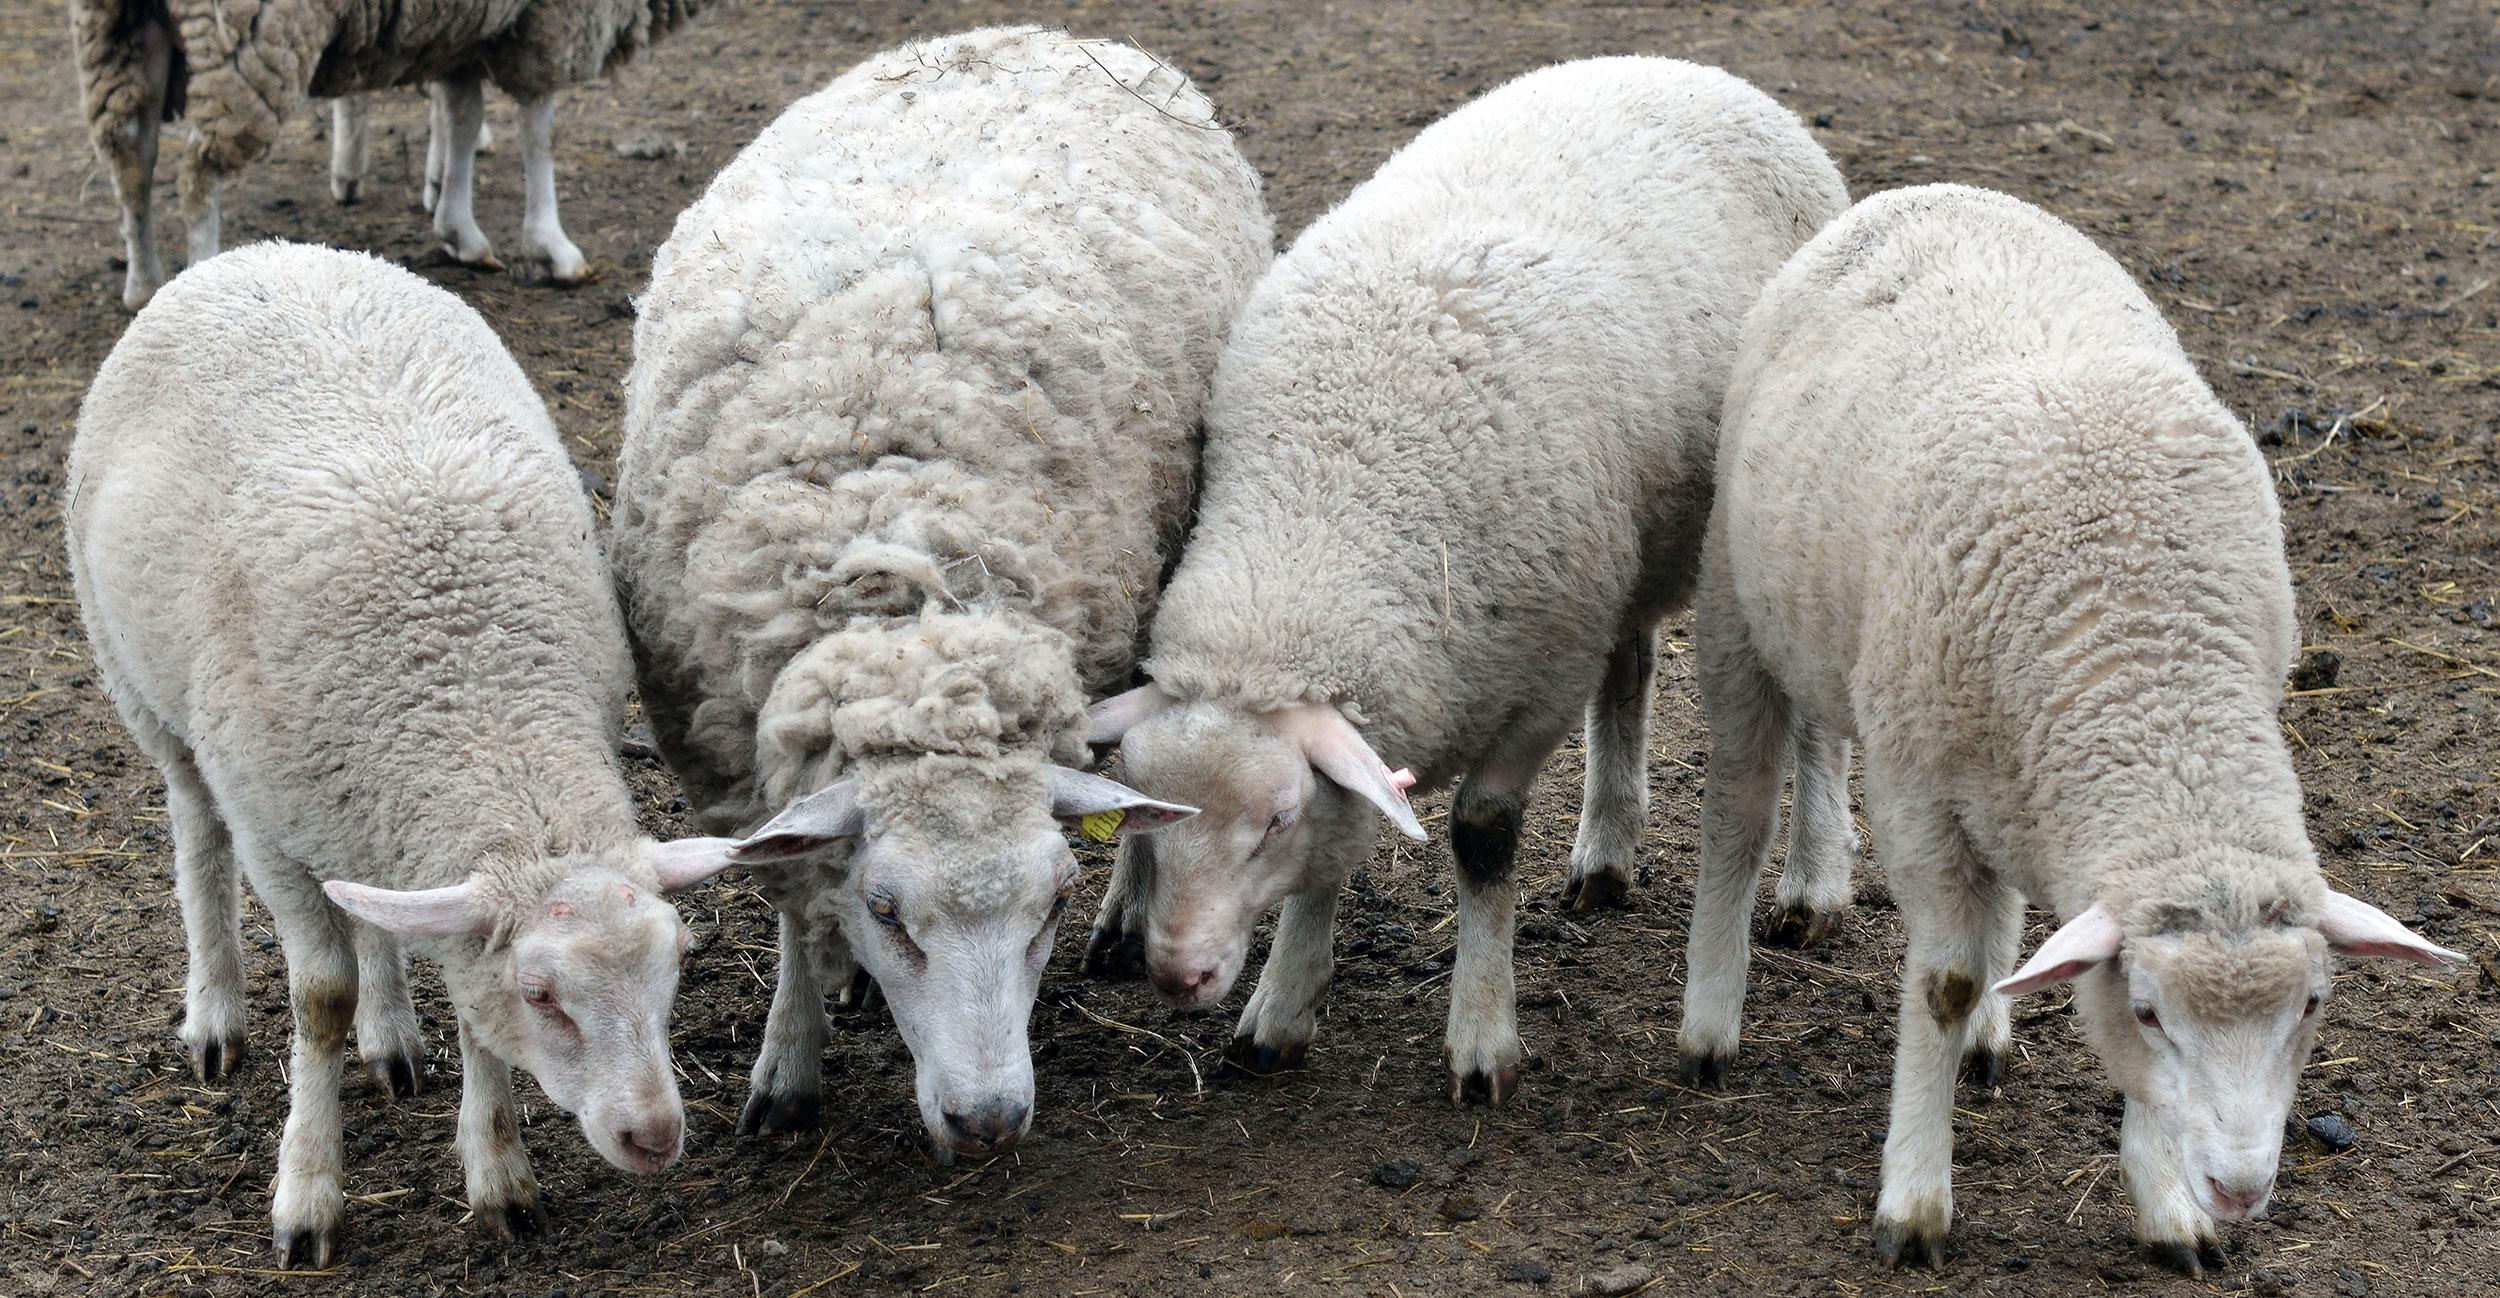 Разведение овец как бизнес: с чего его начать и как в нем преуспеть?